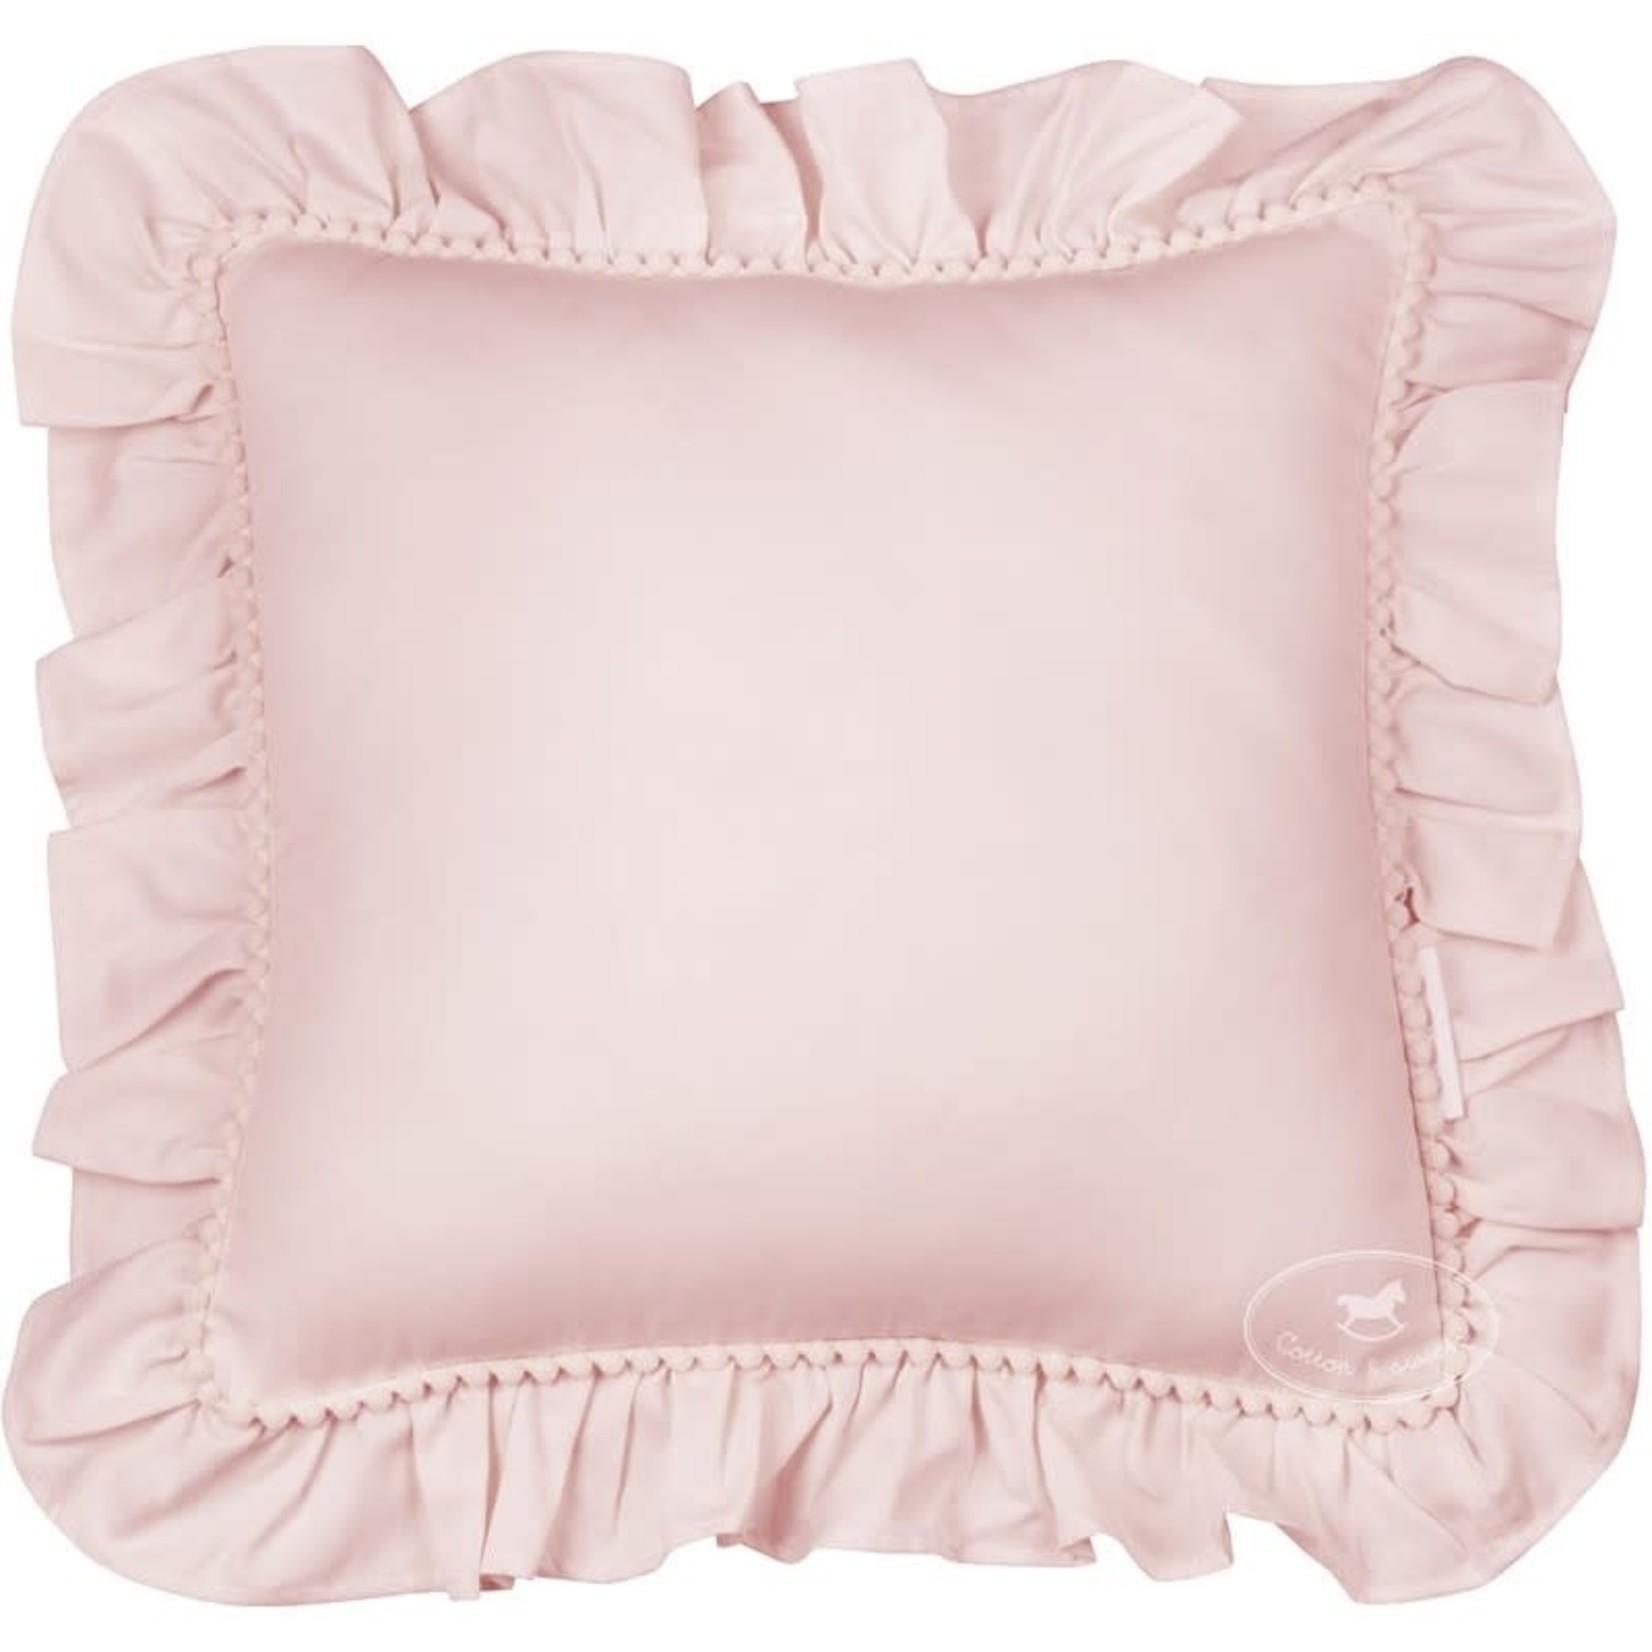 Cotton & Sweets Pillow Boho - Powder Pink